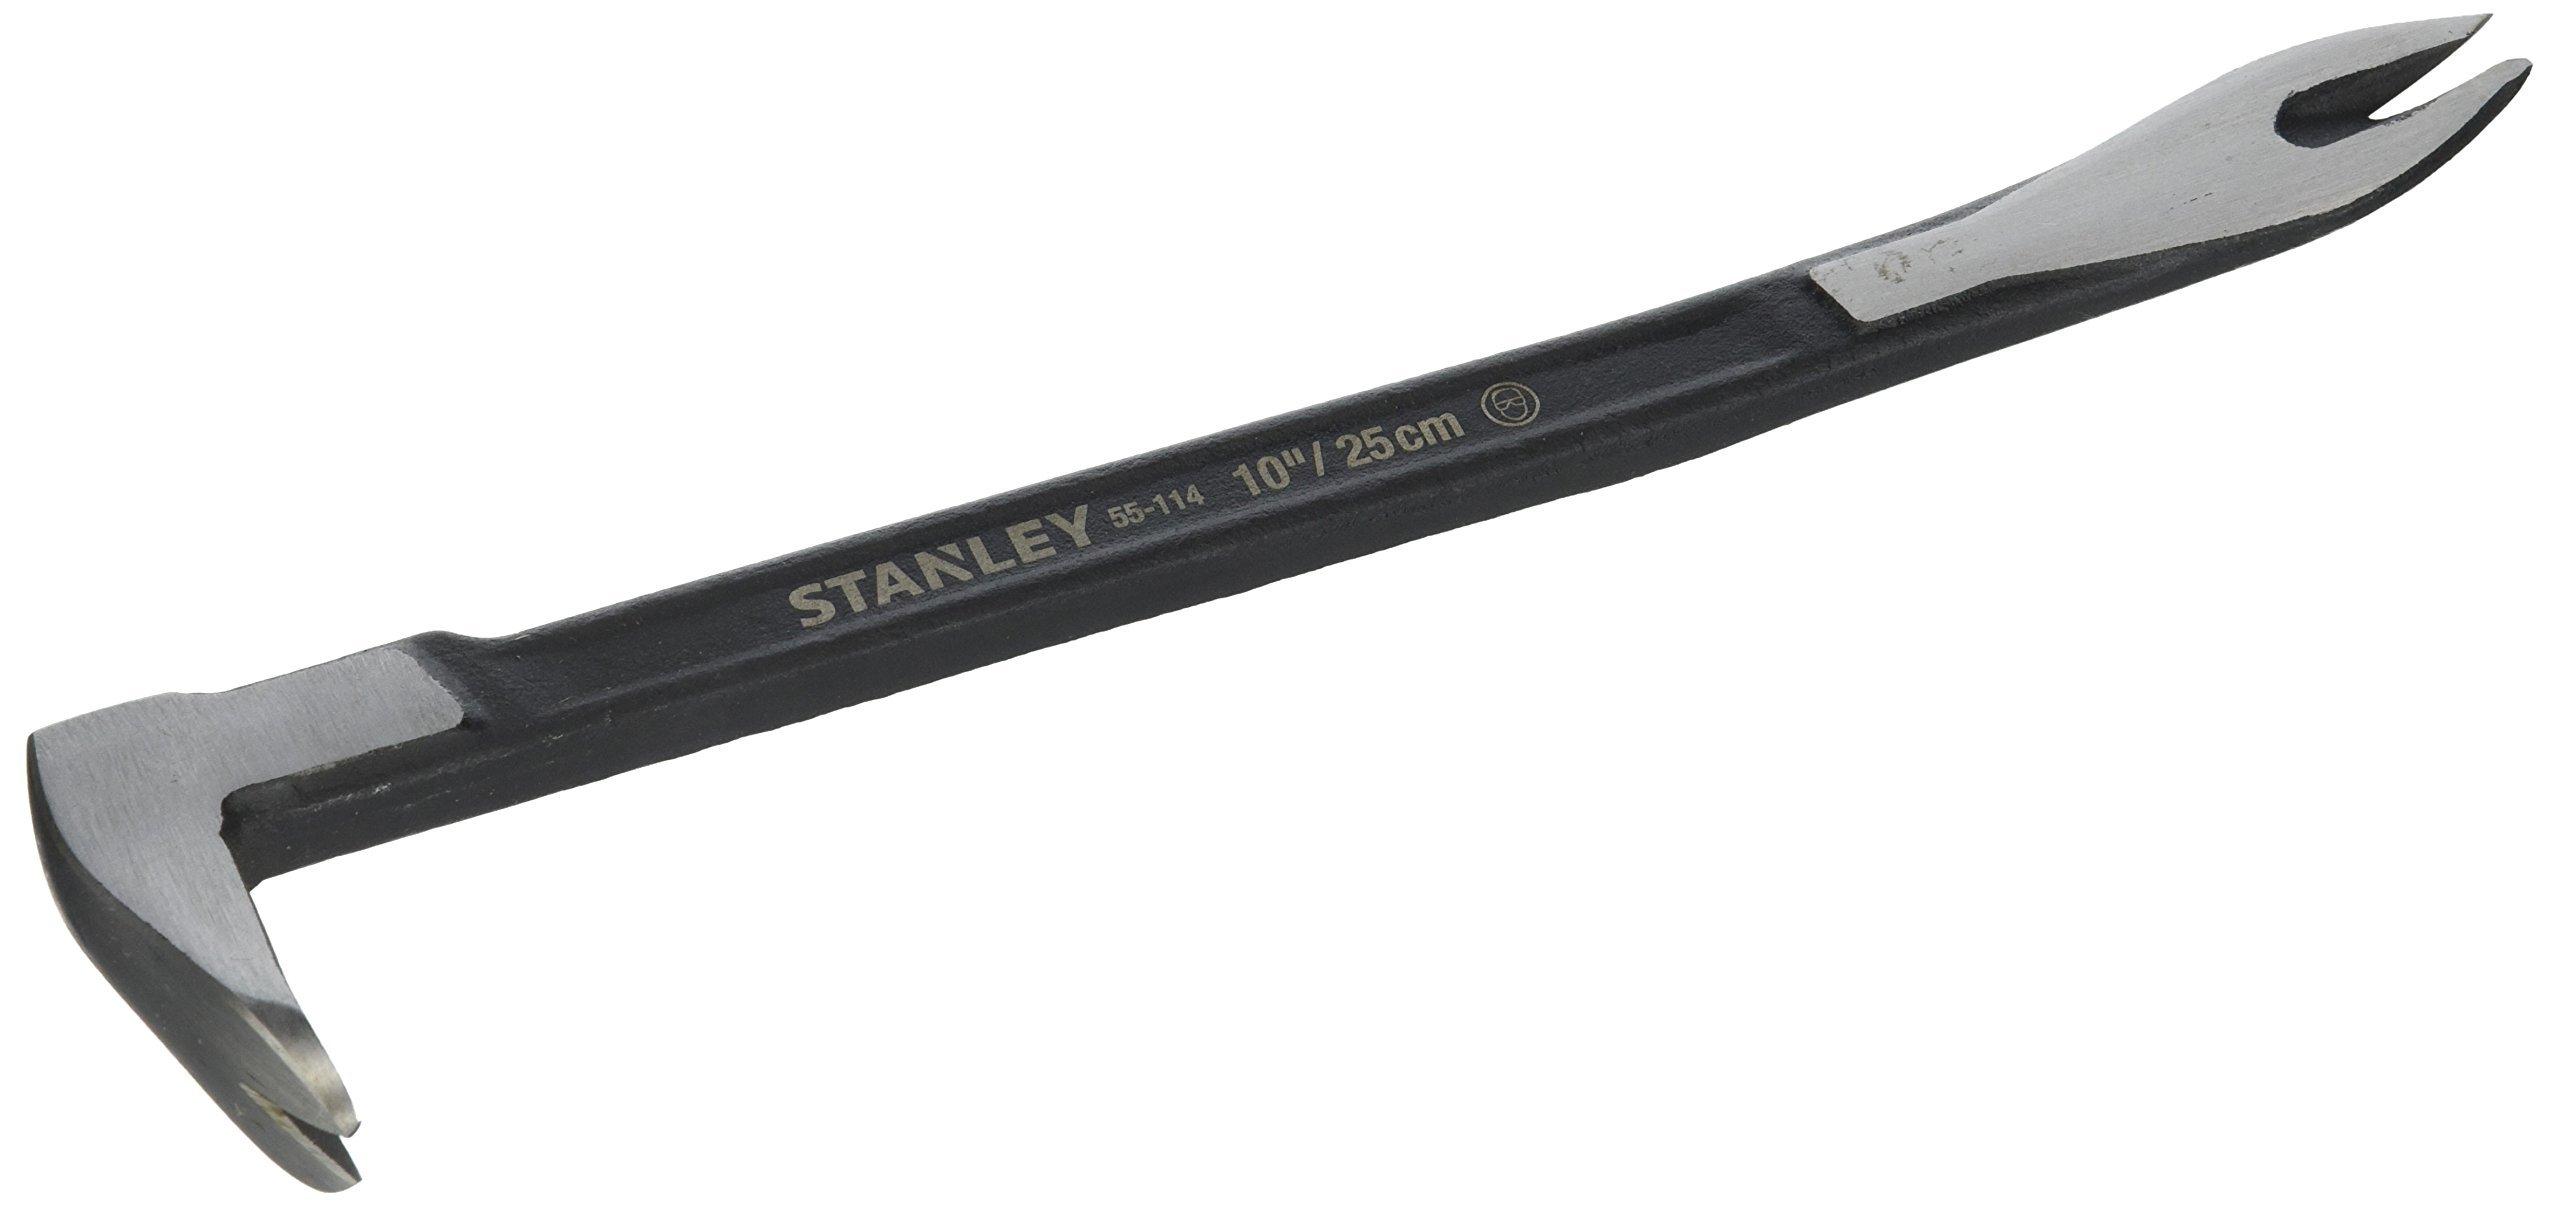 Stanley 55-114 10-Inch Claw Bar